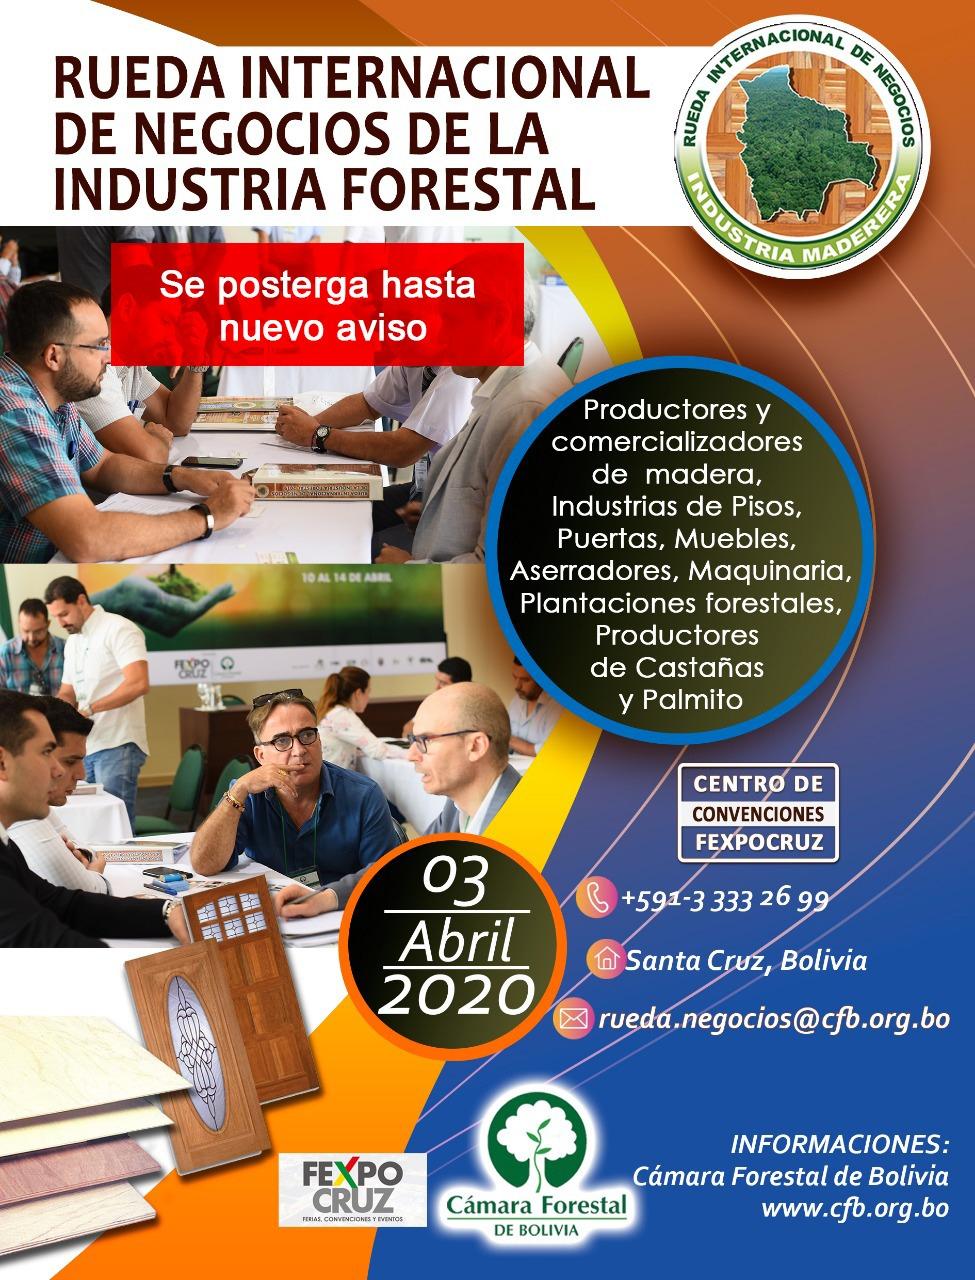 Cámara Forestal de Bolivia anuncia suspensión de Expoforest 2020 y Rueda Internacional de Negocios de la Industria Forestal